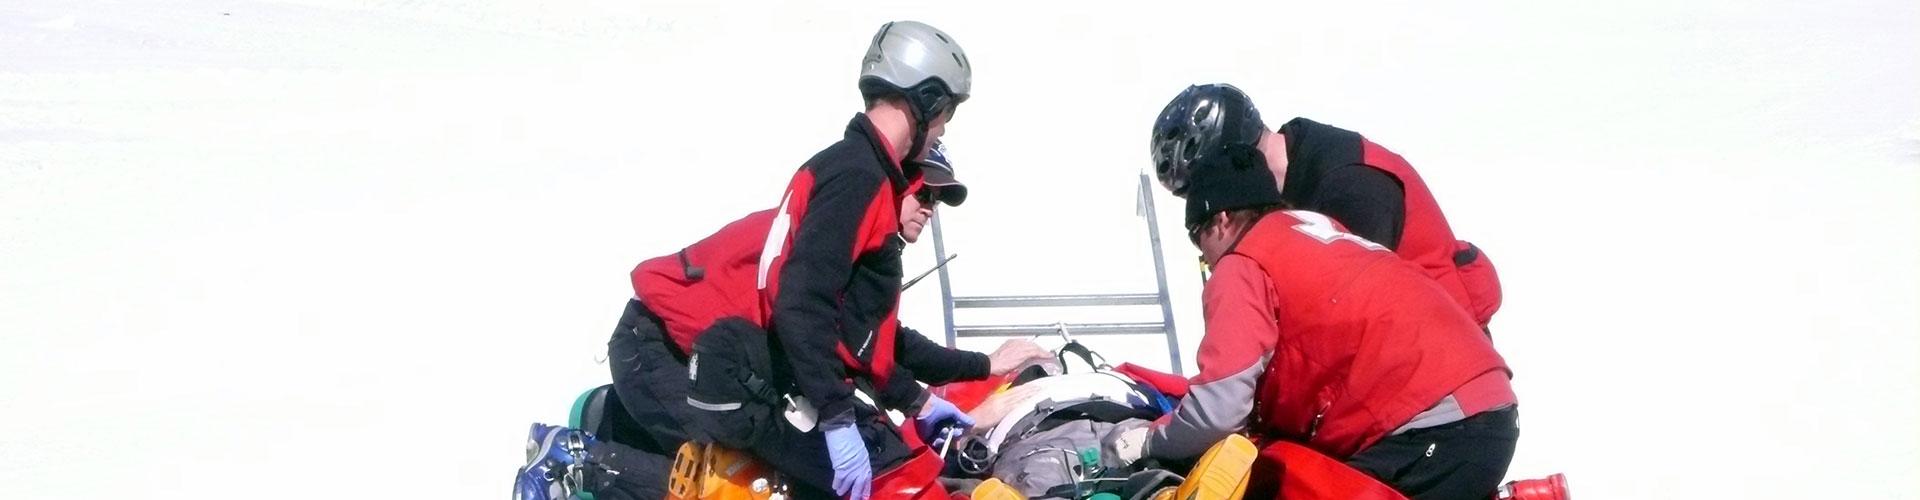 Ervaren wintersporters lopen vaker ernstig letsel op | Letselschade Test